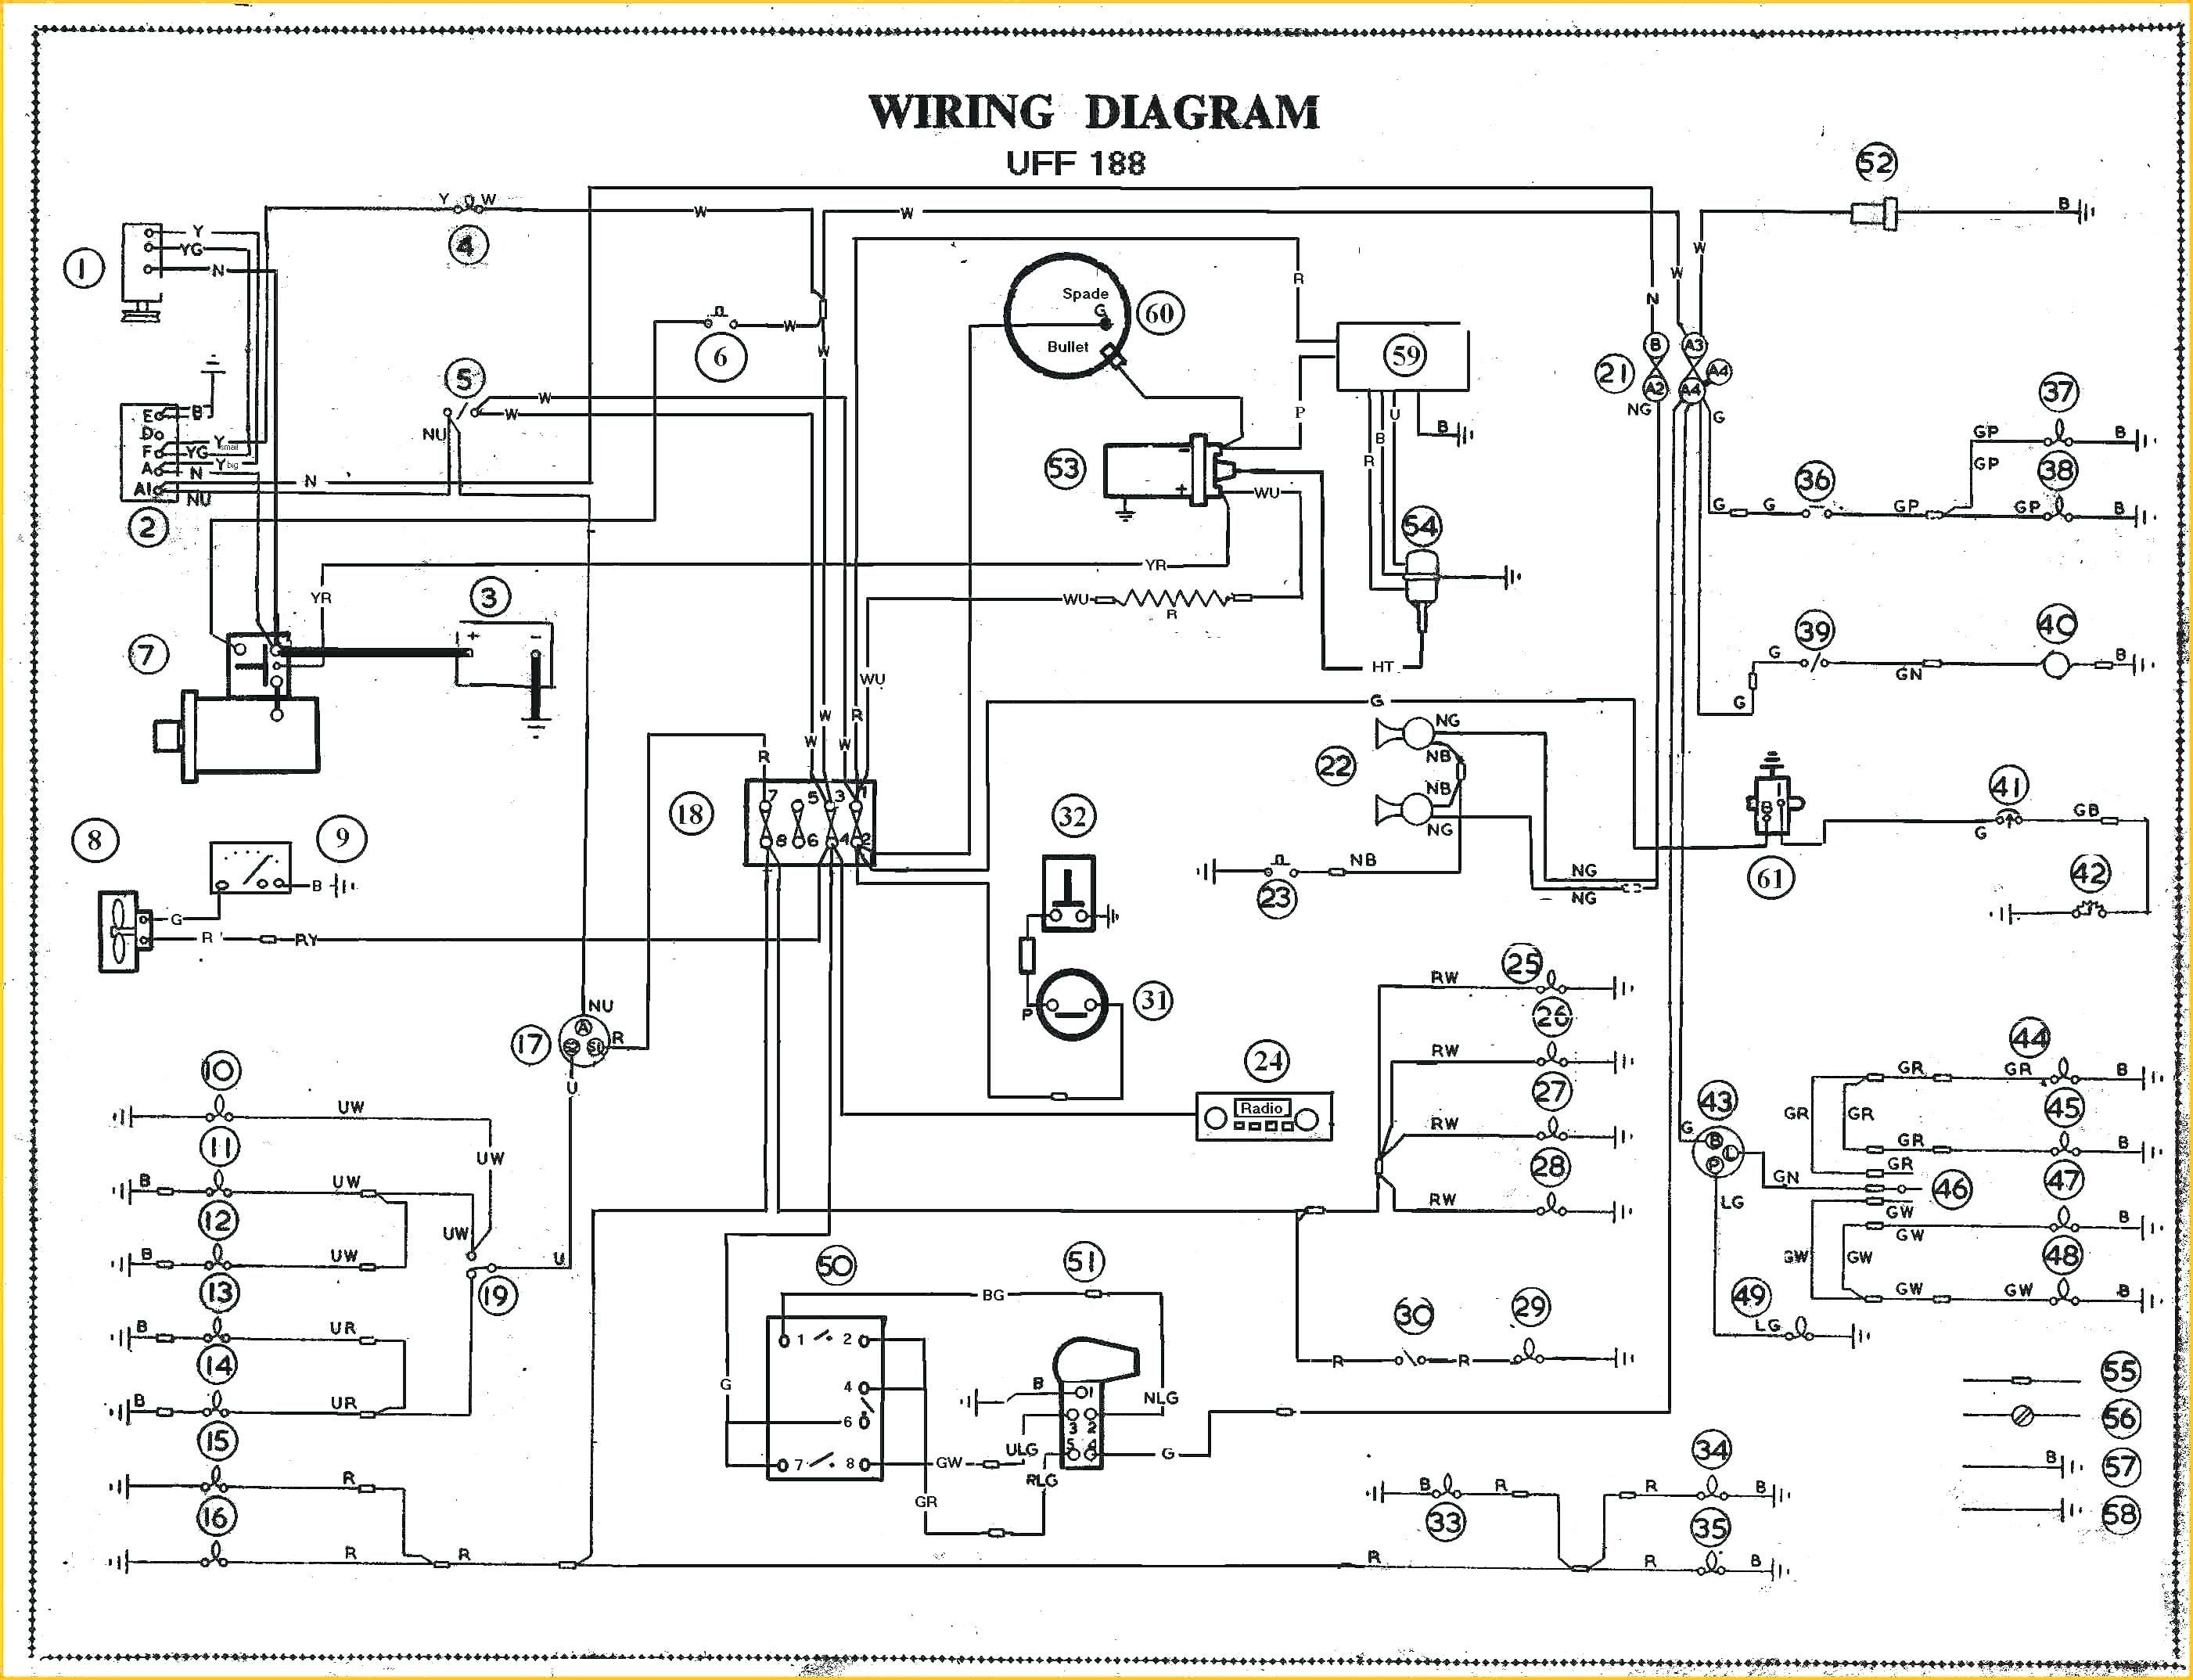 basic gas furnace wiring diagram